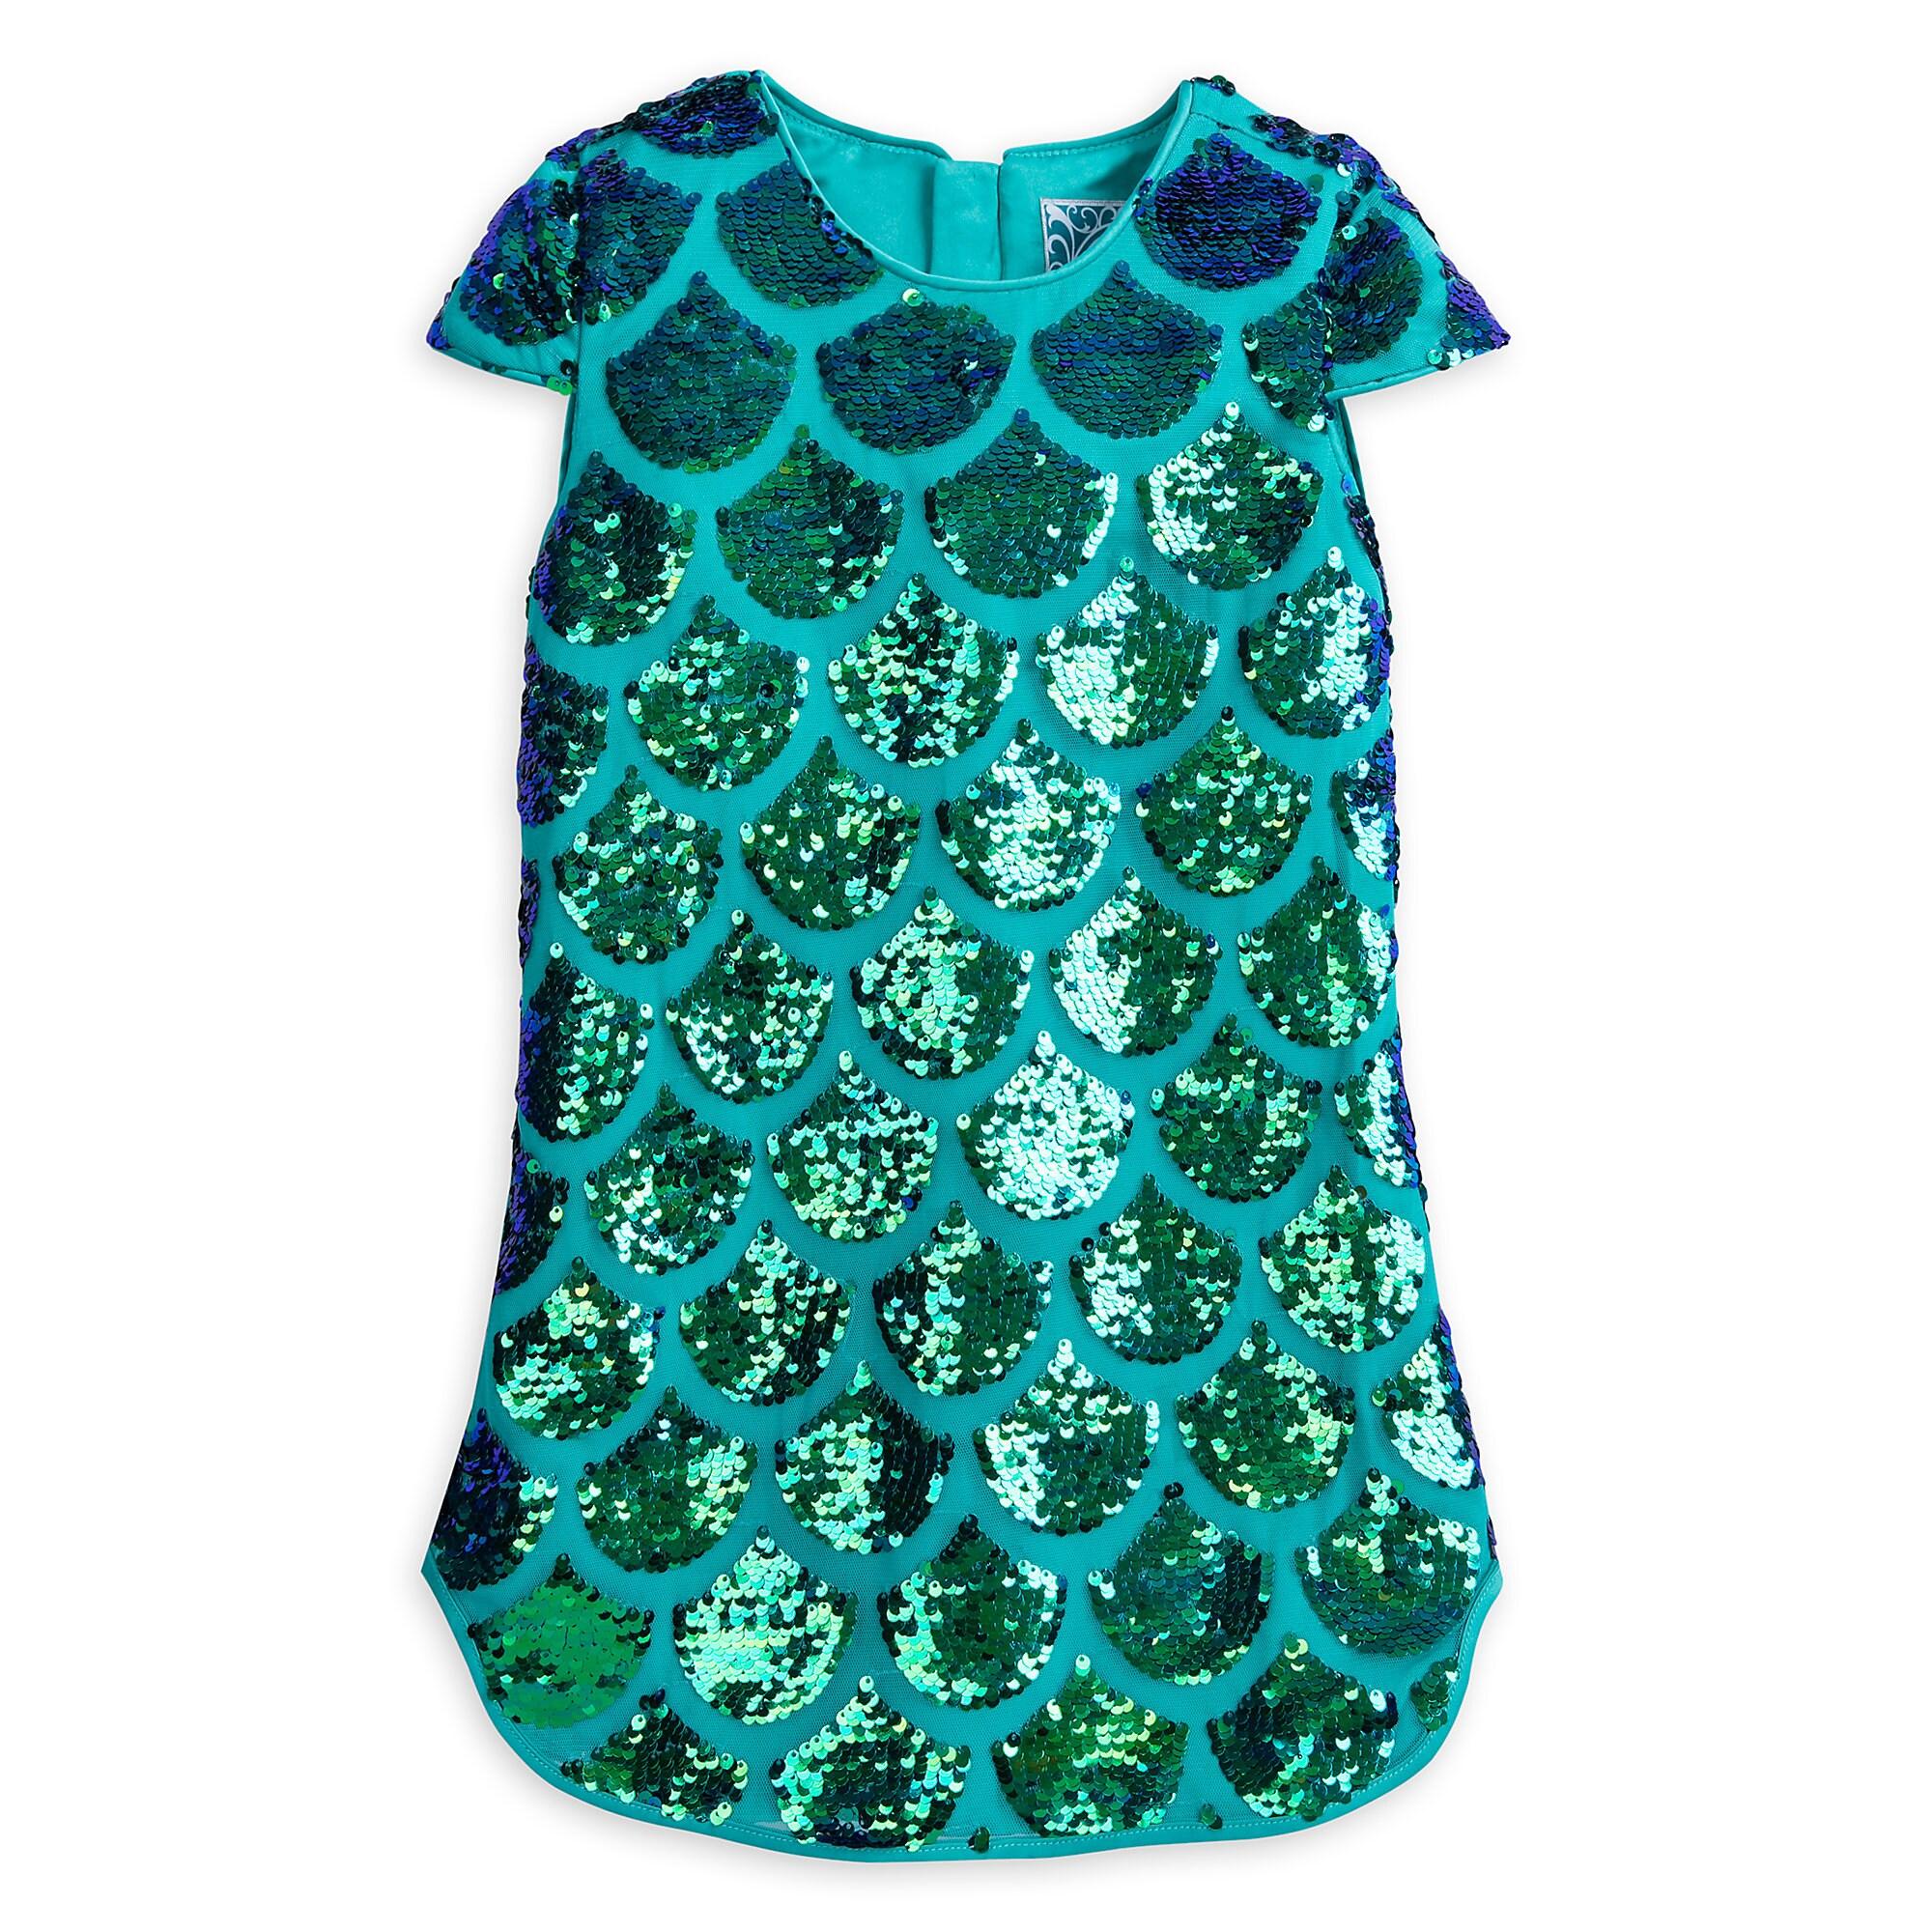 5124e1a83110 Ariel Fancy Dress for Girls - The Little Mermaid